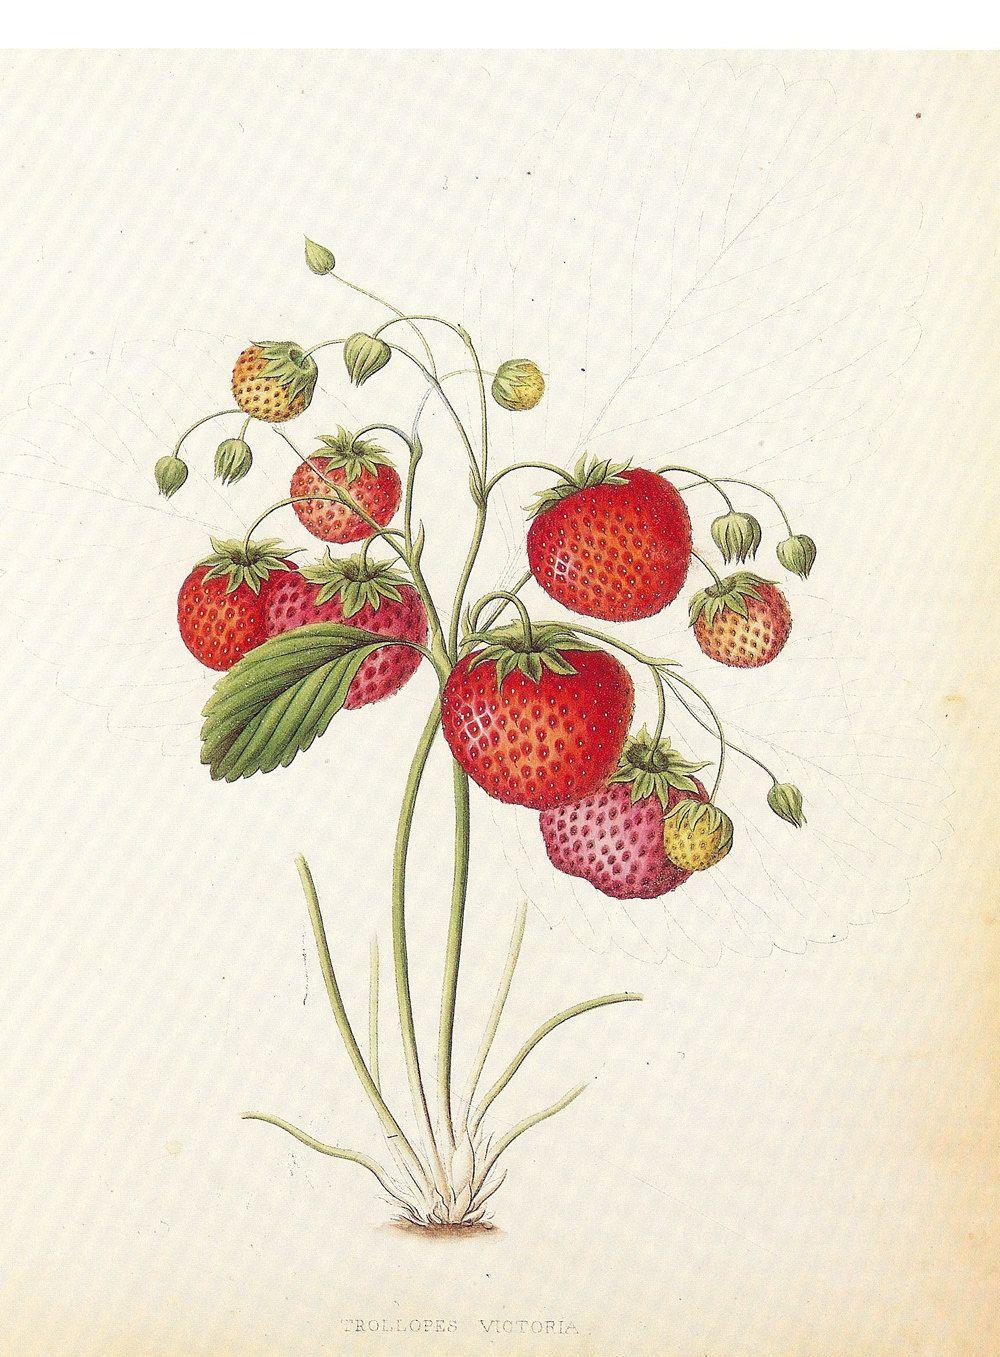 Vintage Botanical Book Print By Prestele Of Victoria Etsy Vintage Botanical Prints Botanical Drawings Botanical Illustration